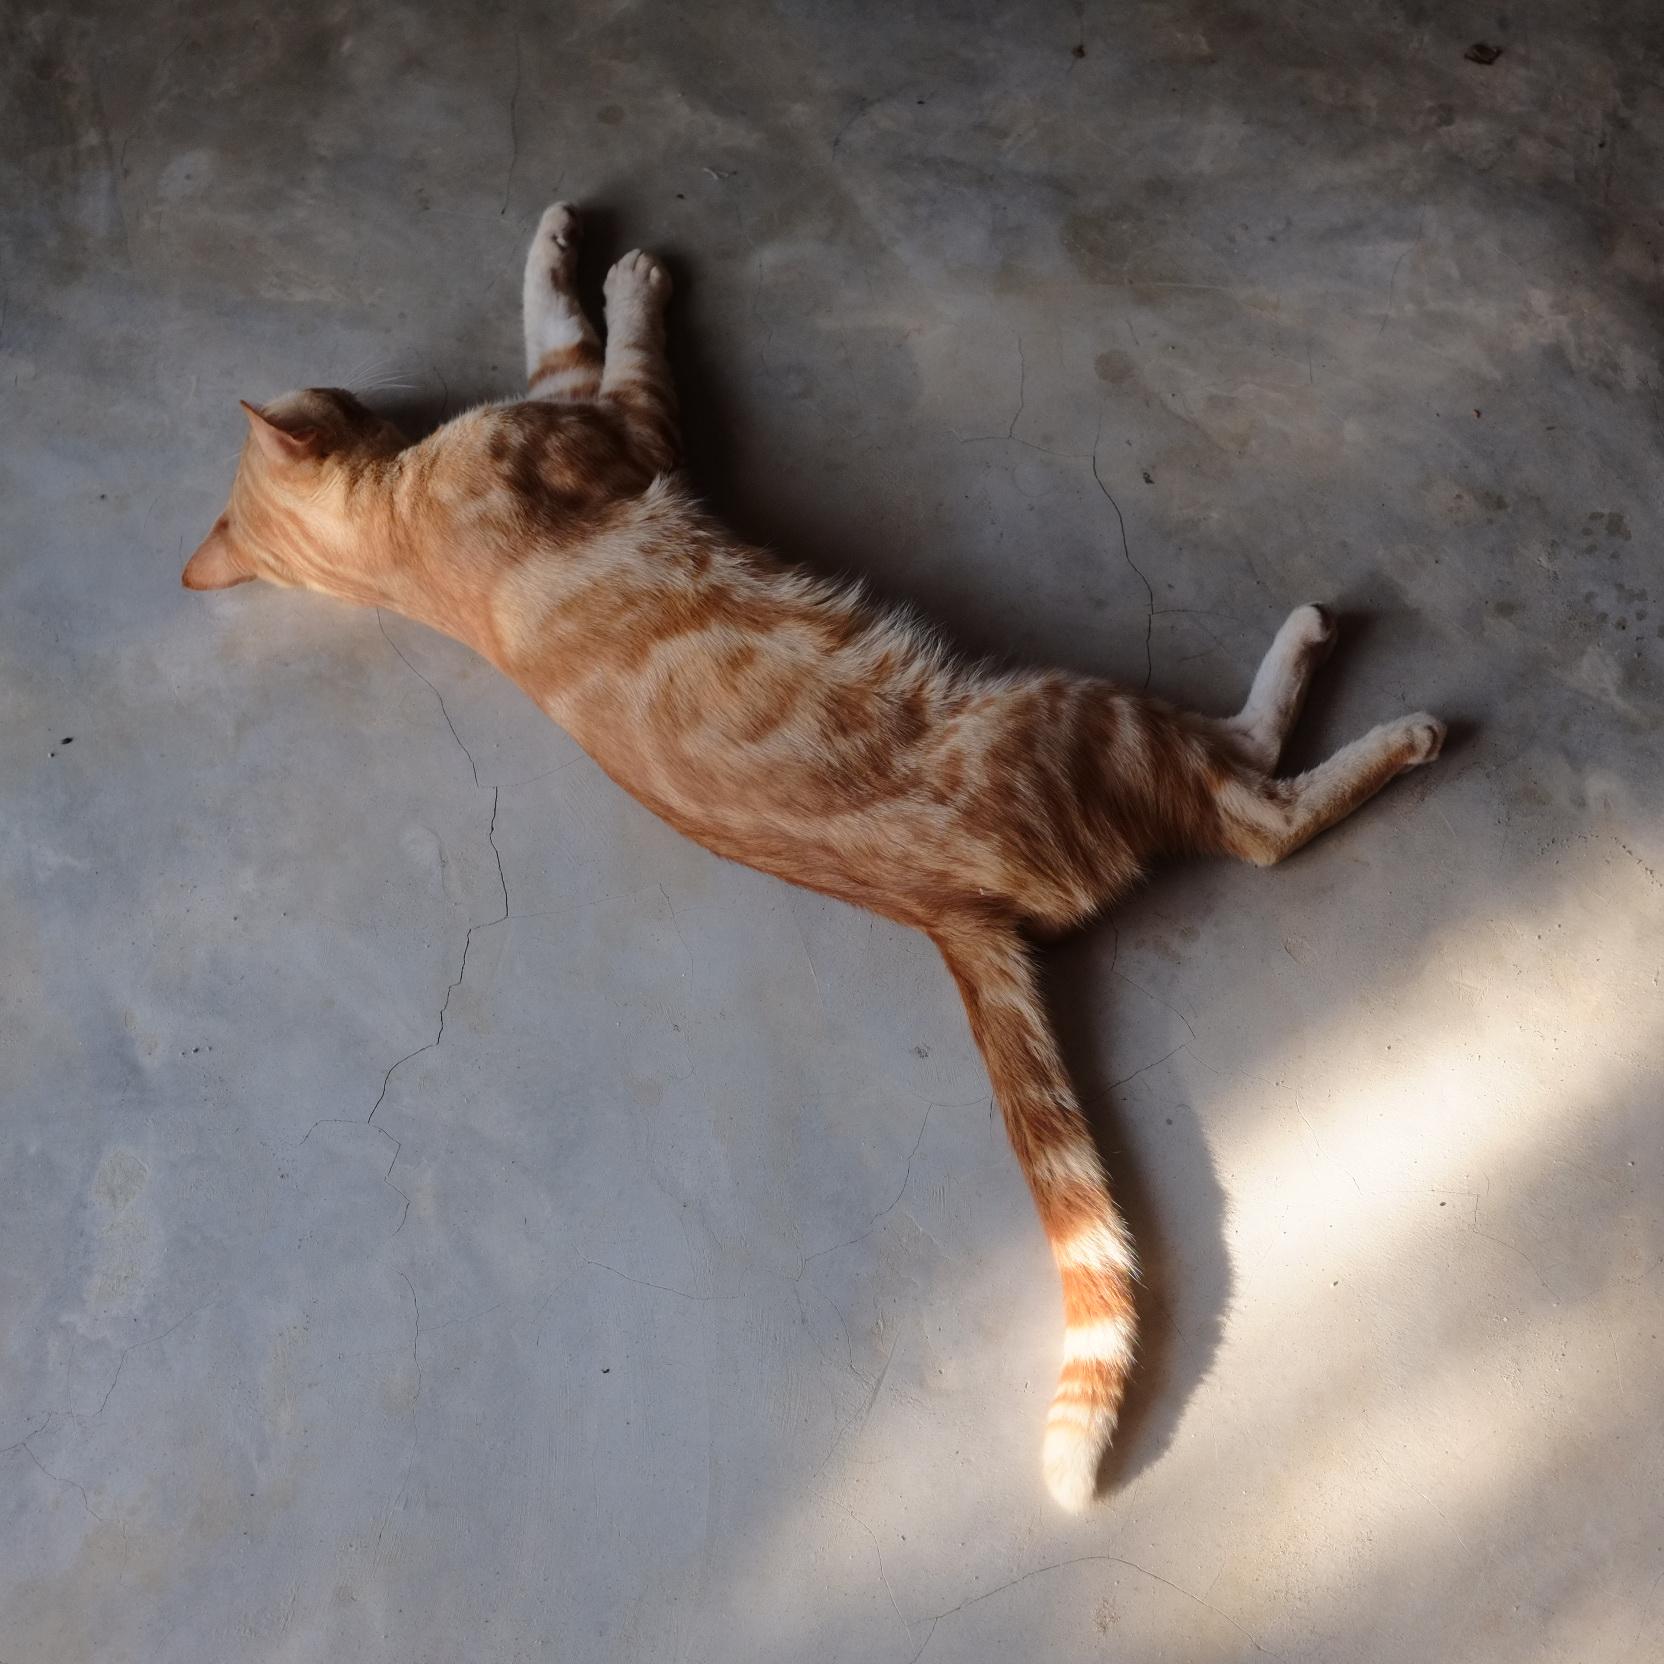 Bonus pic of a fucking cat.